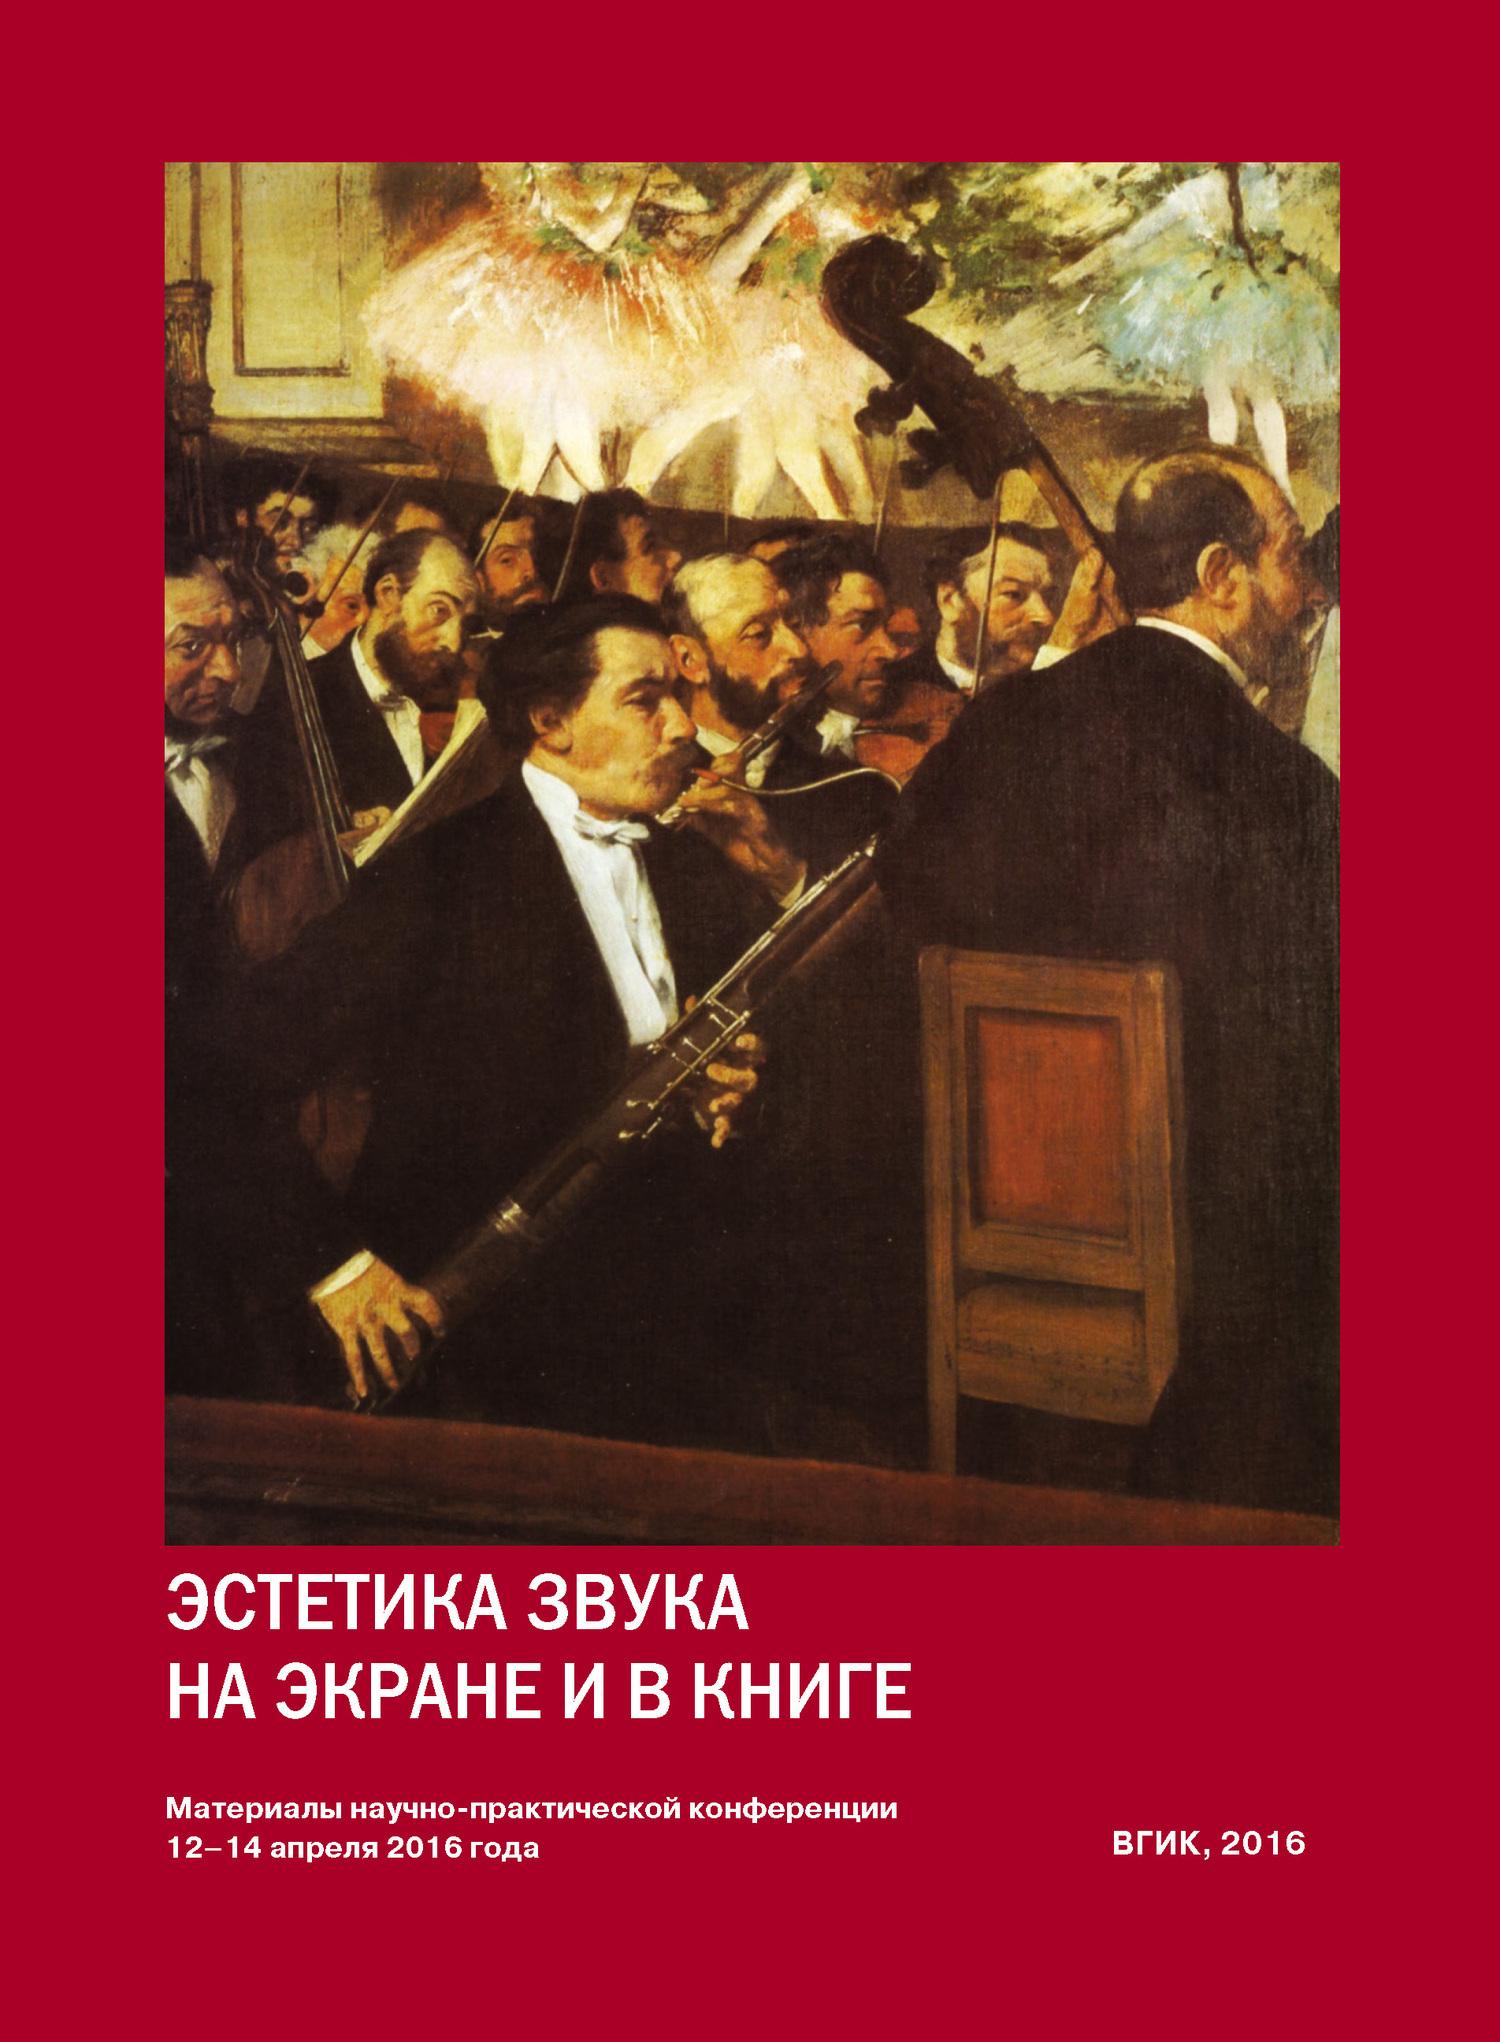 Эстетика звука на экране и в книге. Материалы всероссийской научно-практической конференции 12–14 апреля 2016 года